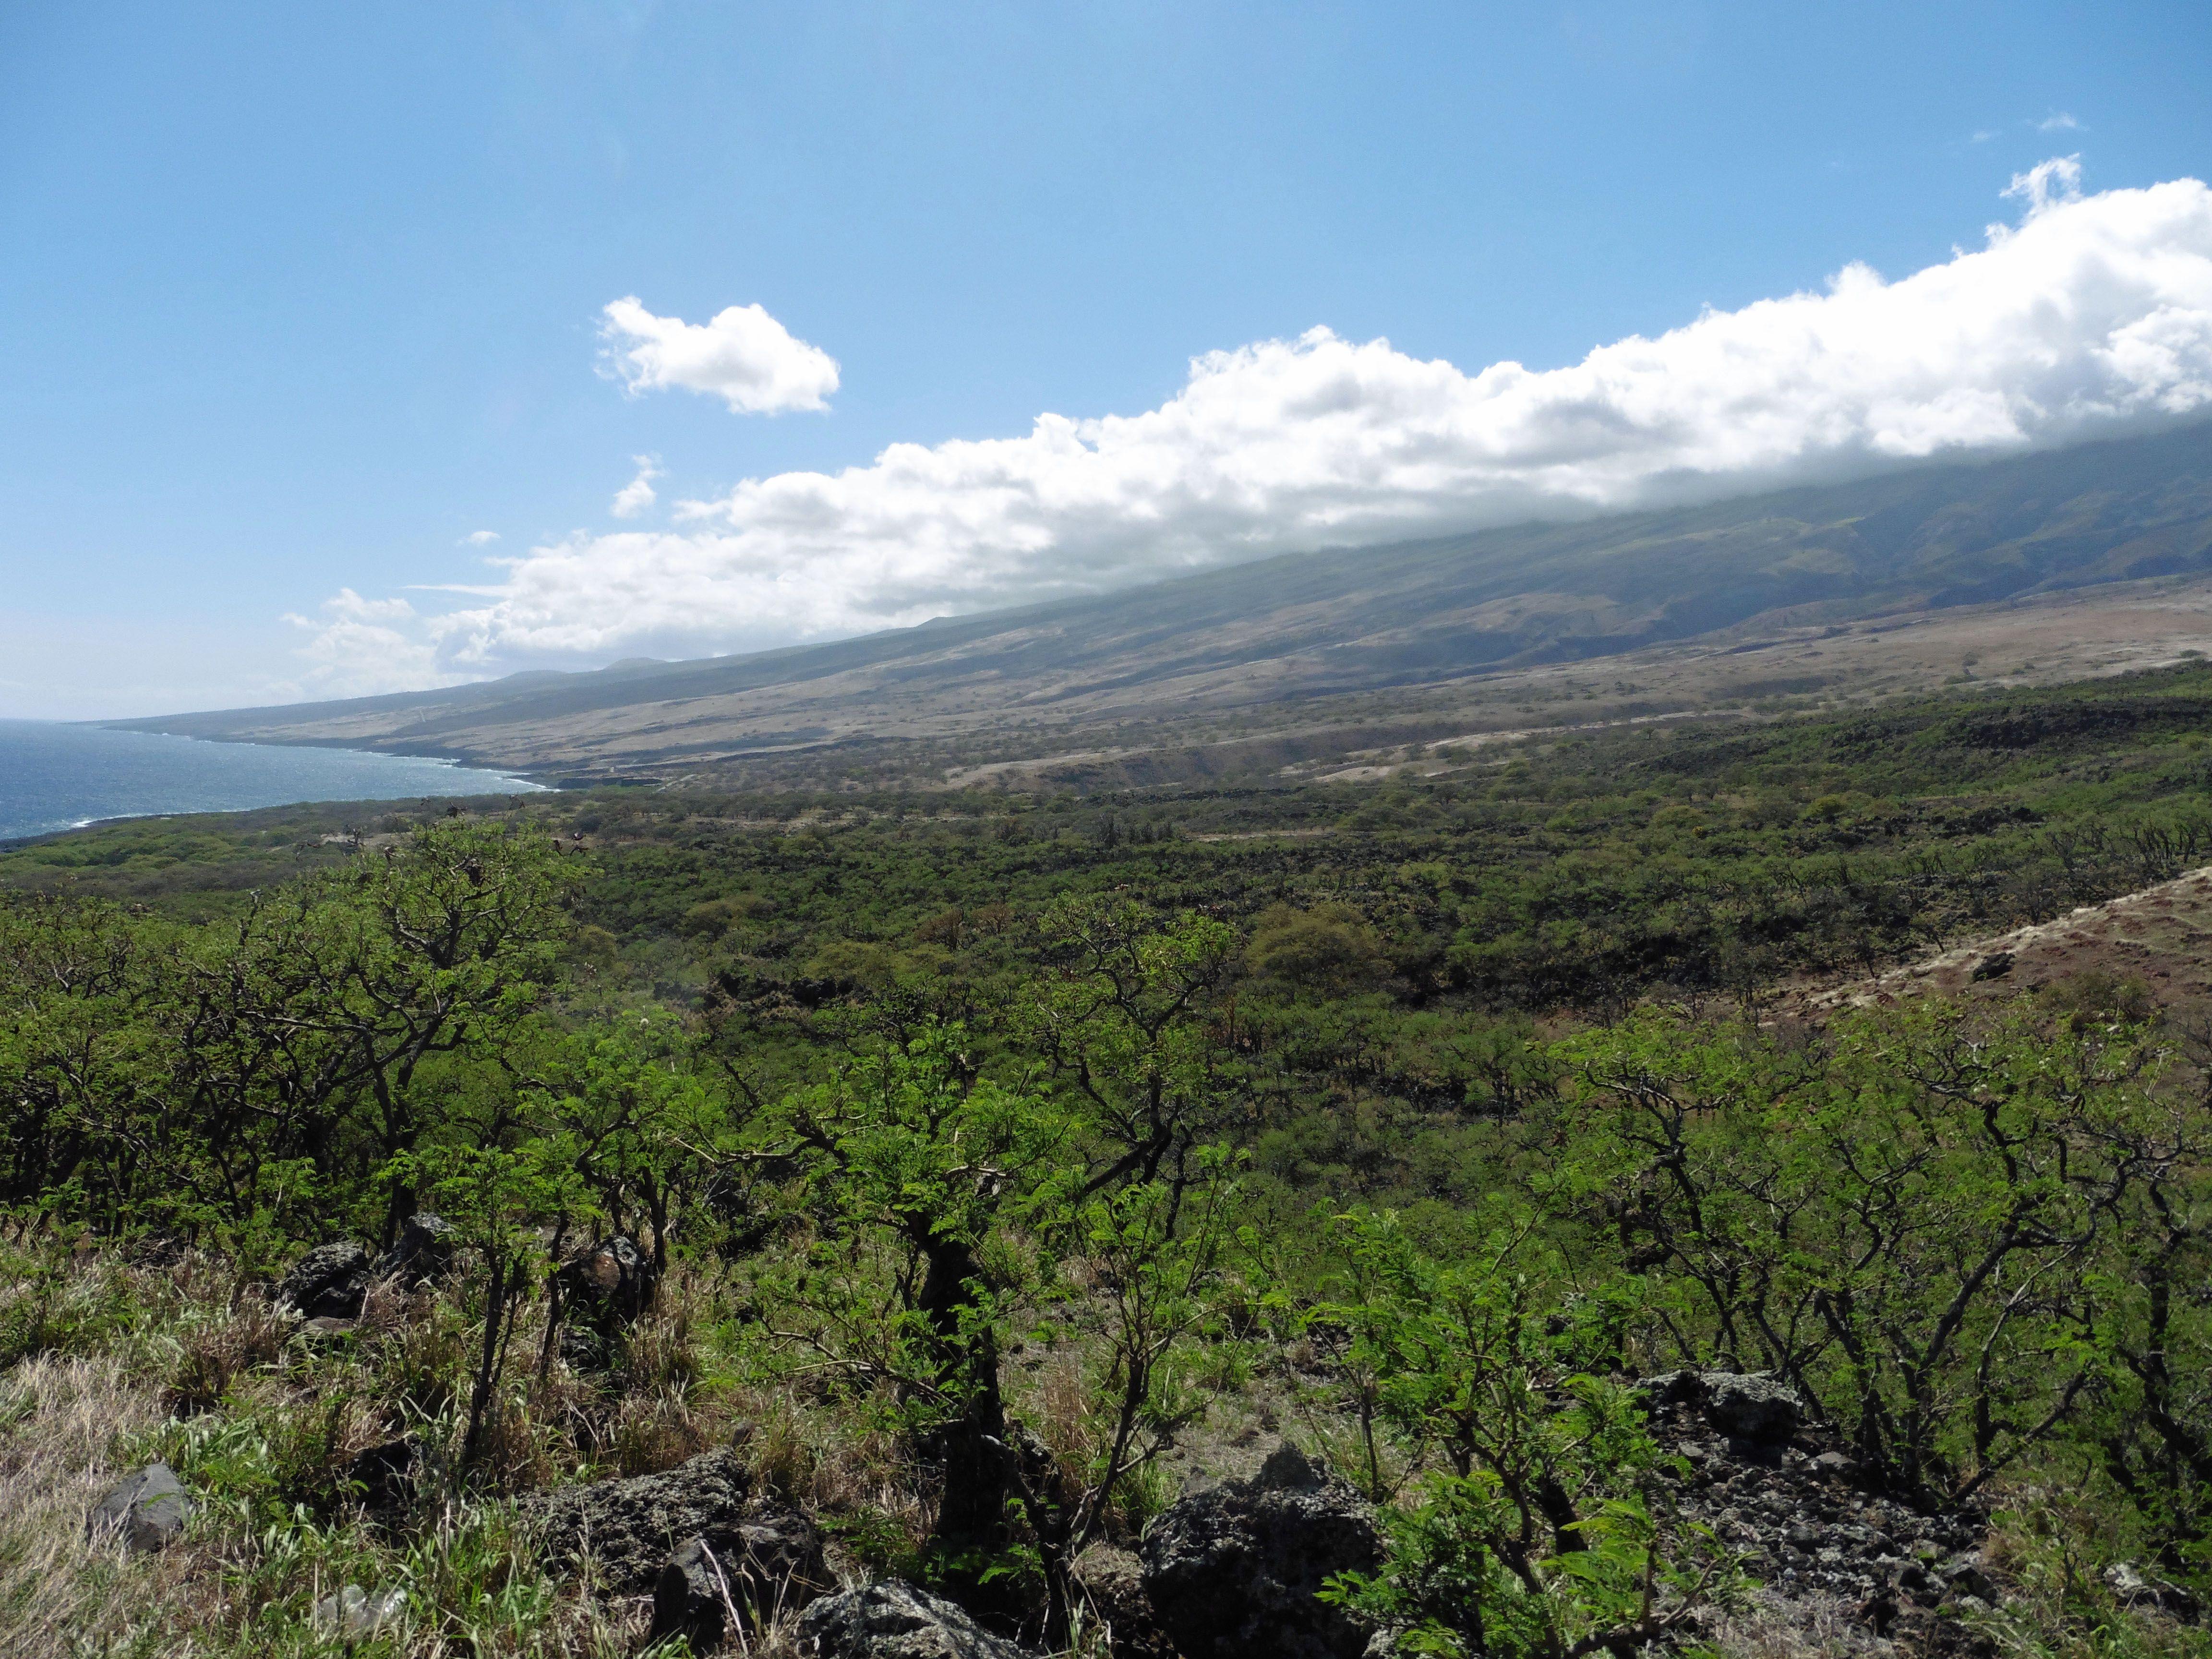 Maui, Hawaii. Sträckan från Kahului till Hana är vacker och grön. Men vänd inte om om du vill se Mauis andra ansikte. Bakom Haleakalan finns stora lavafält.